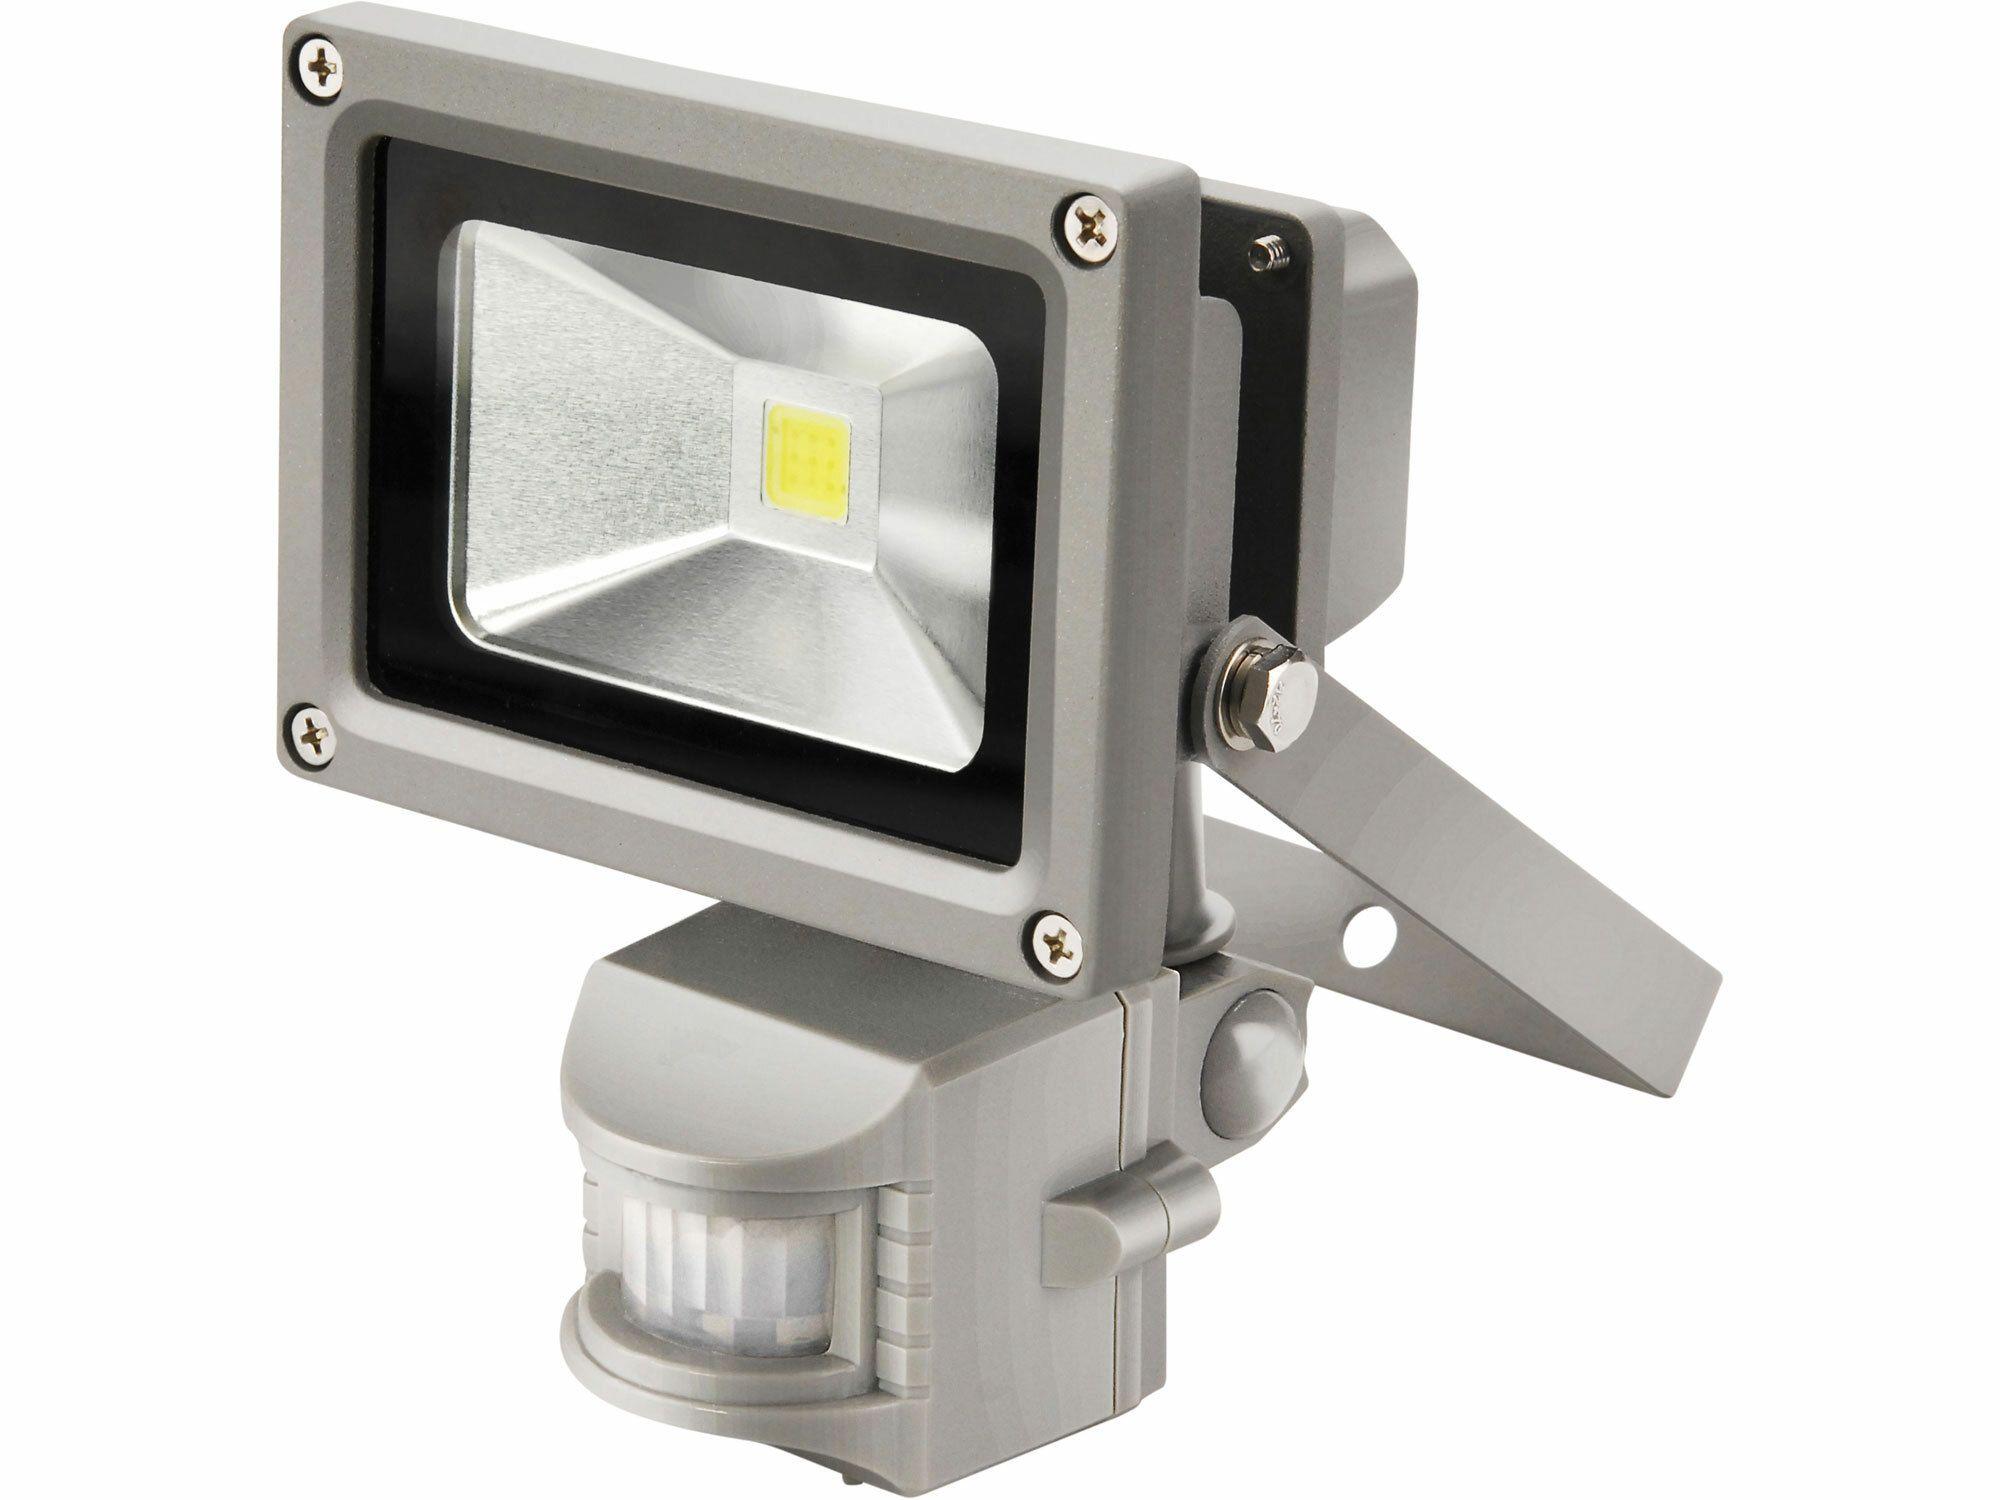 Reflektor LED s pohybovým čidlem, 10W, 800lm, denní světlo, IP44, 230V/50Hz EXTOL-CRAFT